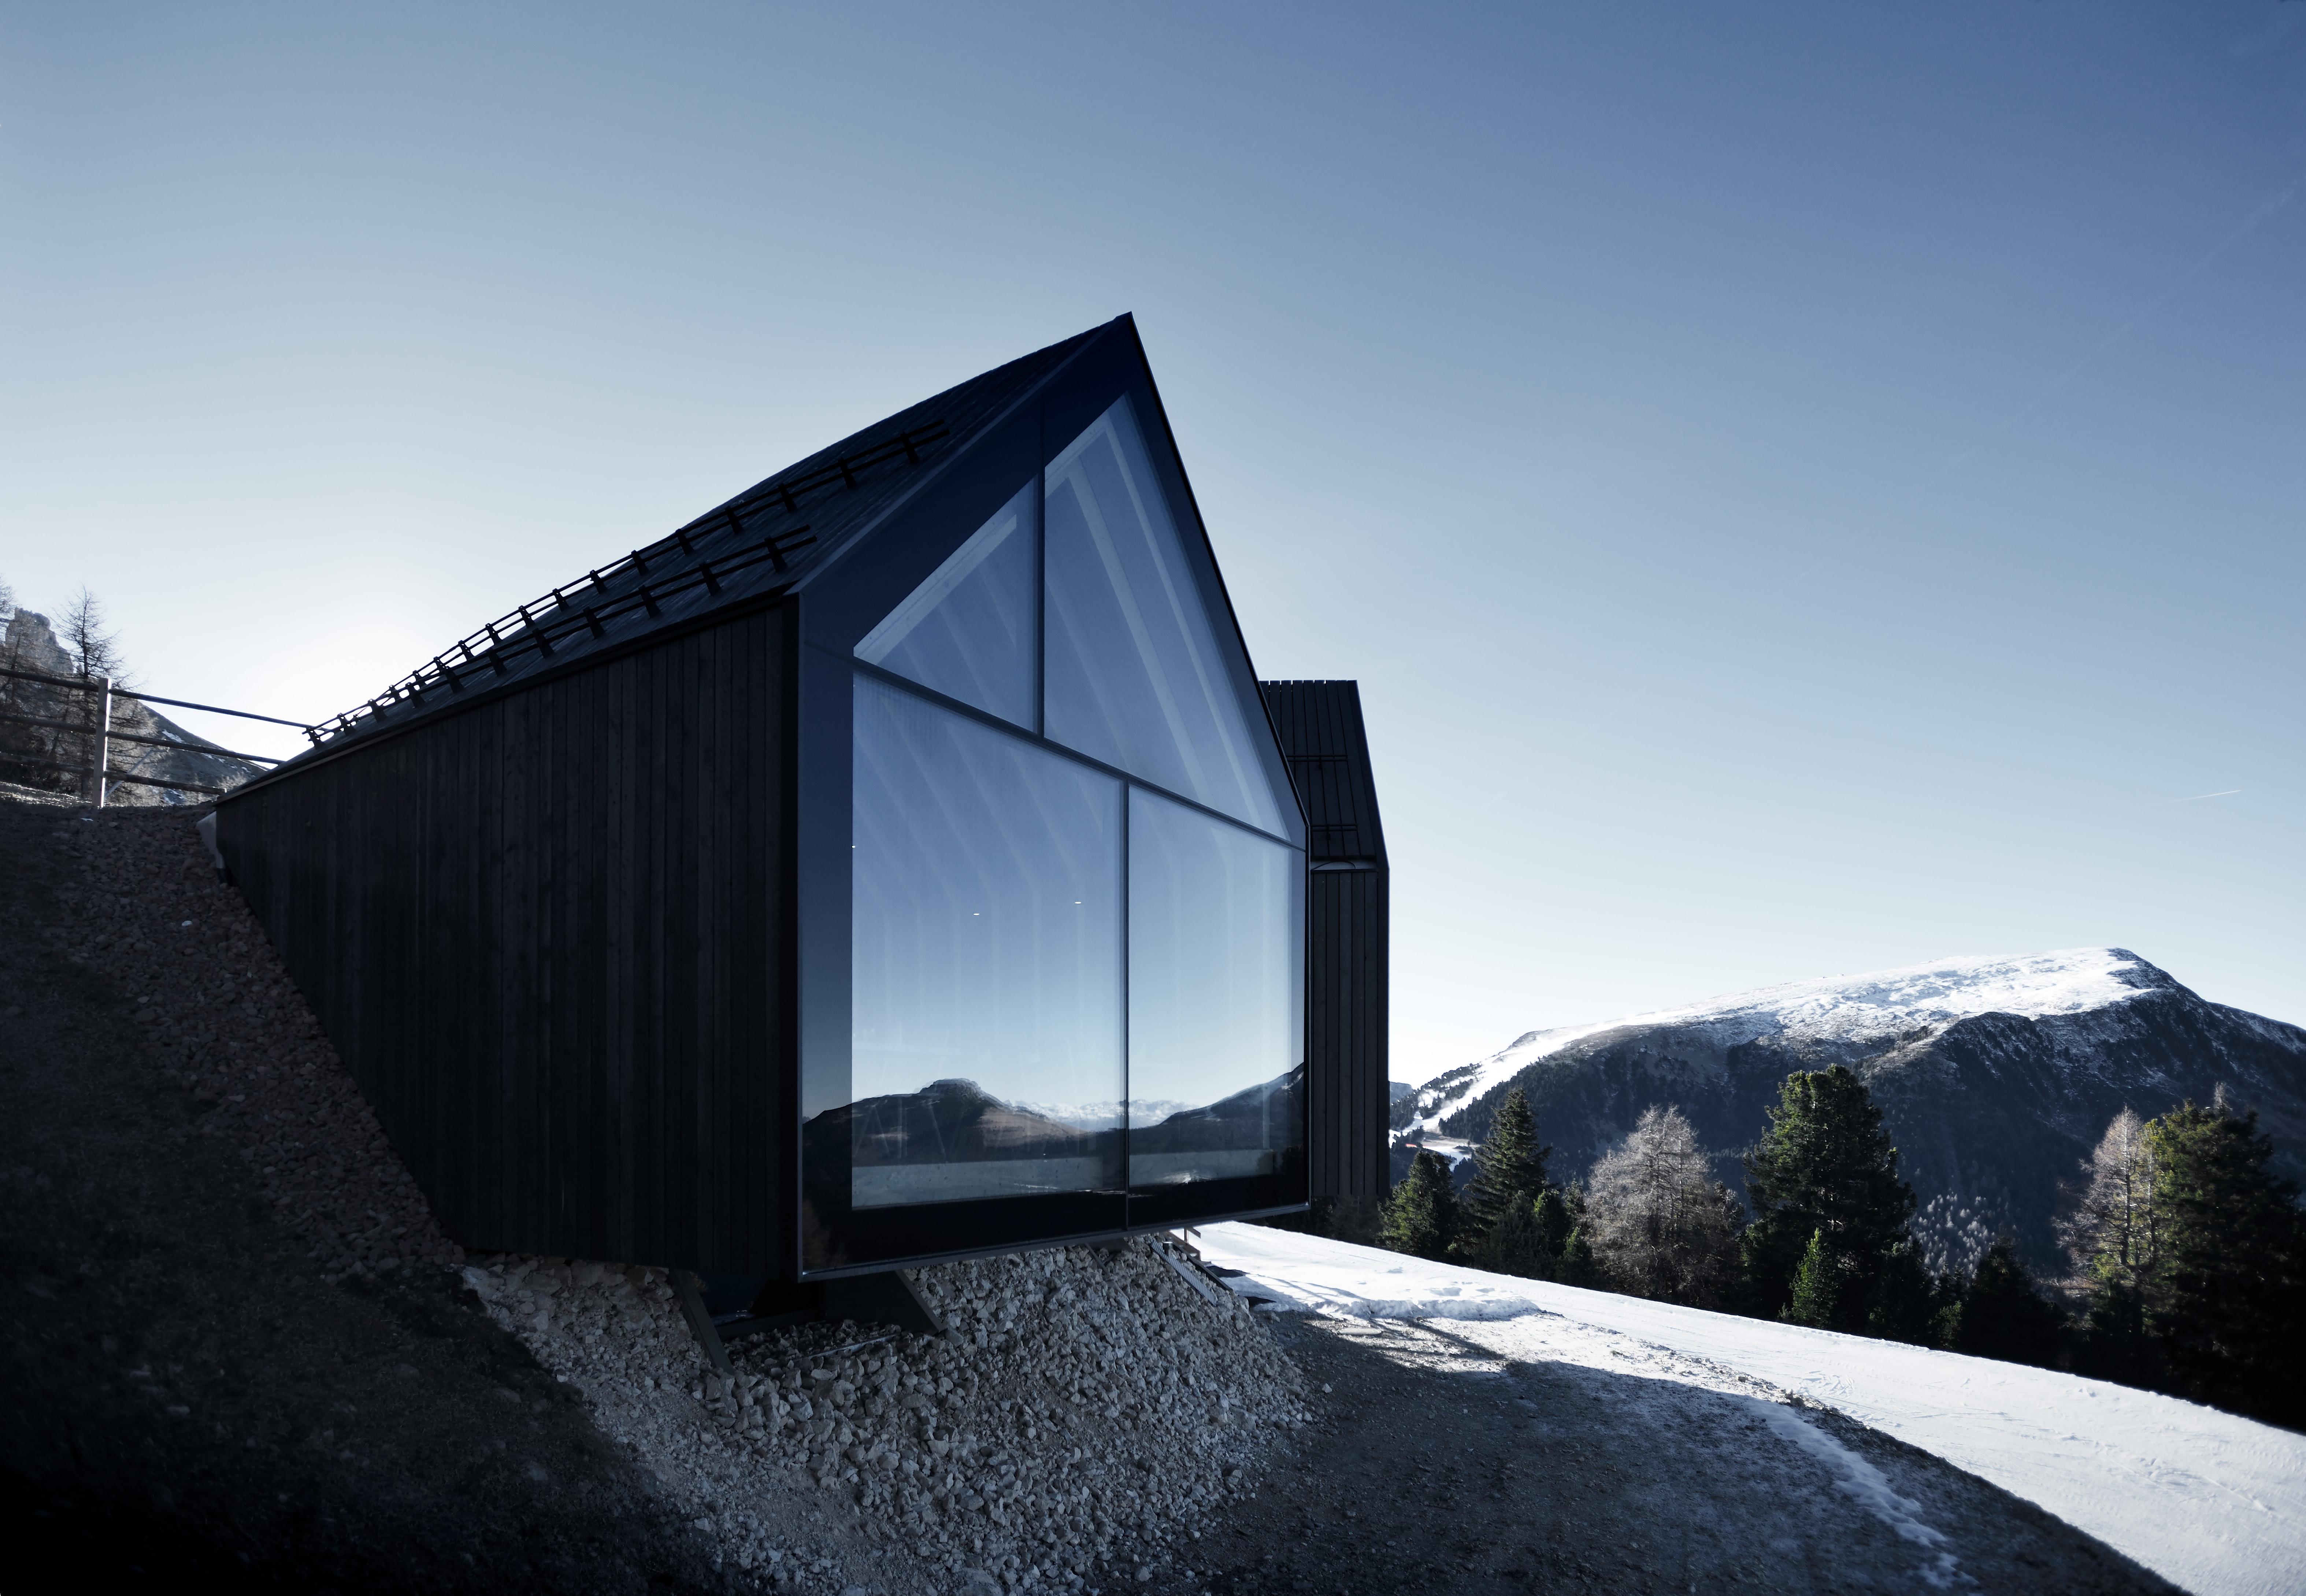 Architettura Sostenibile Architetti il rifugio oberholz: esempio di architettura sostenibile ad